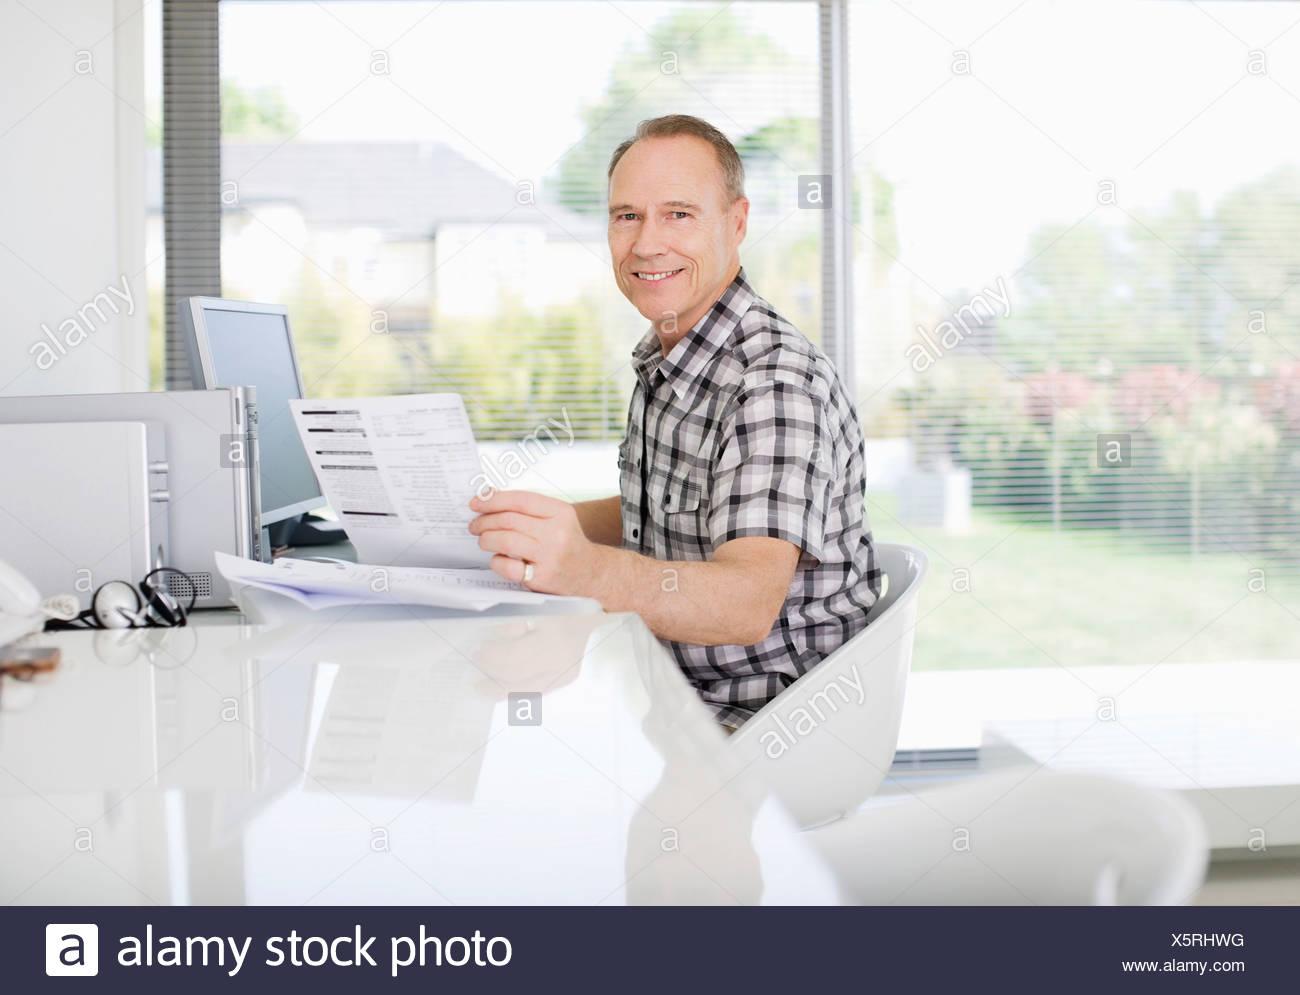 L'homme de payer les factures sur ordinateur Photo Stock